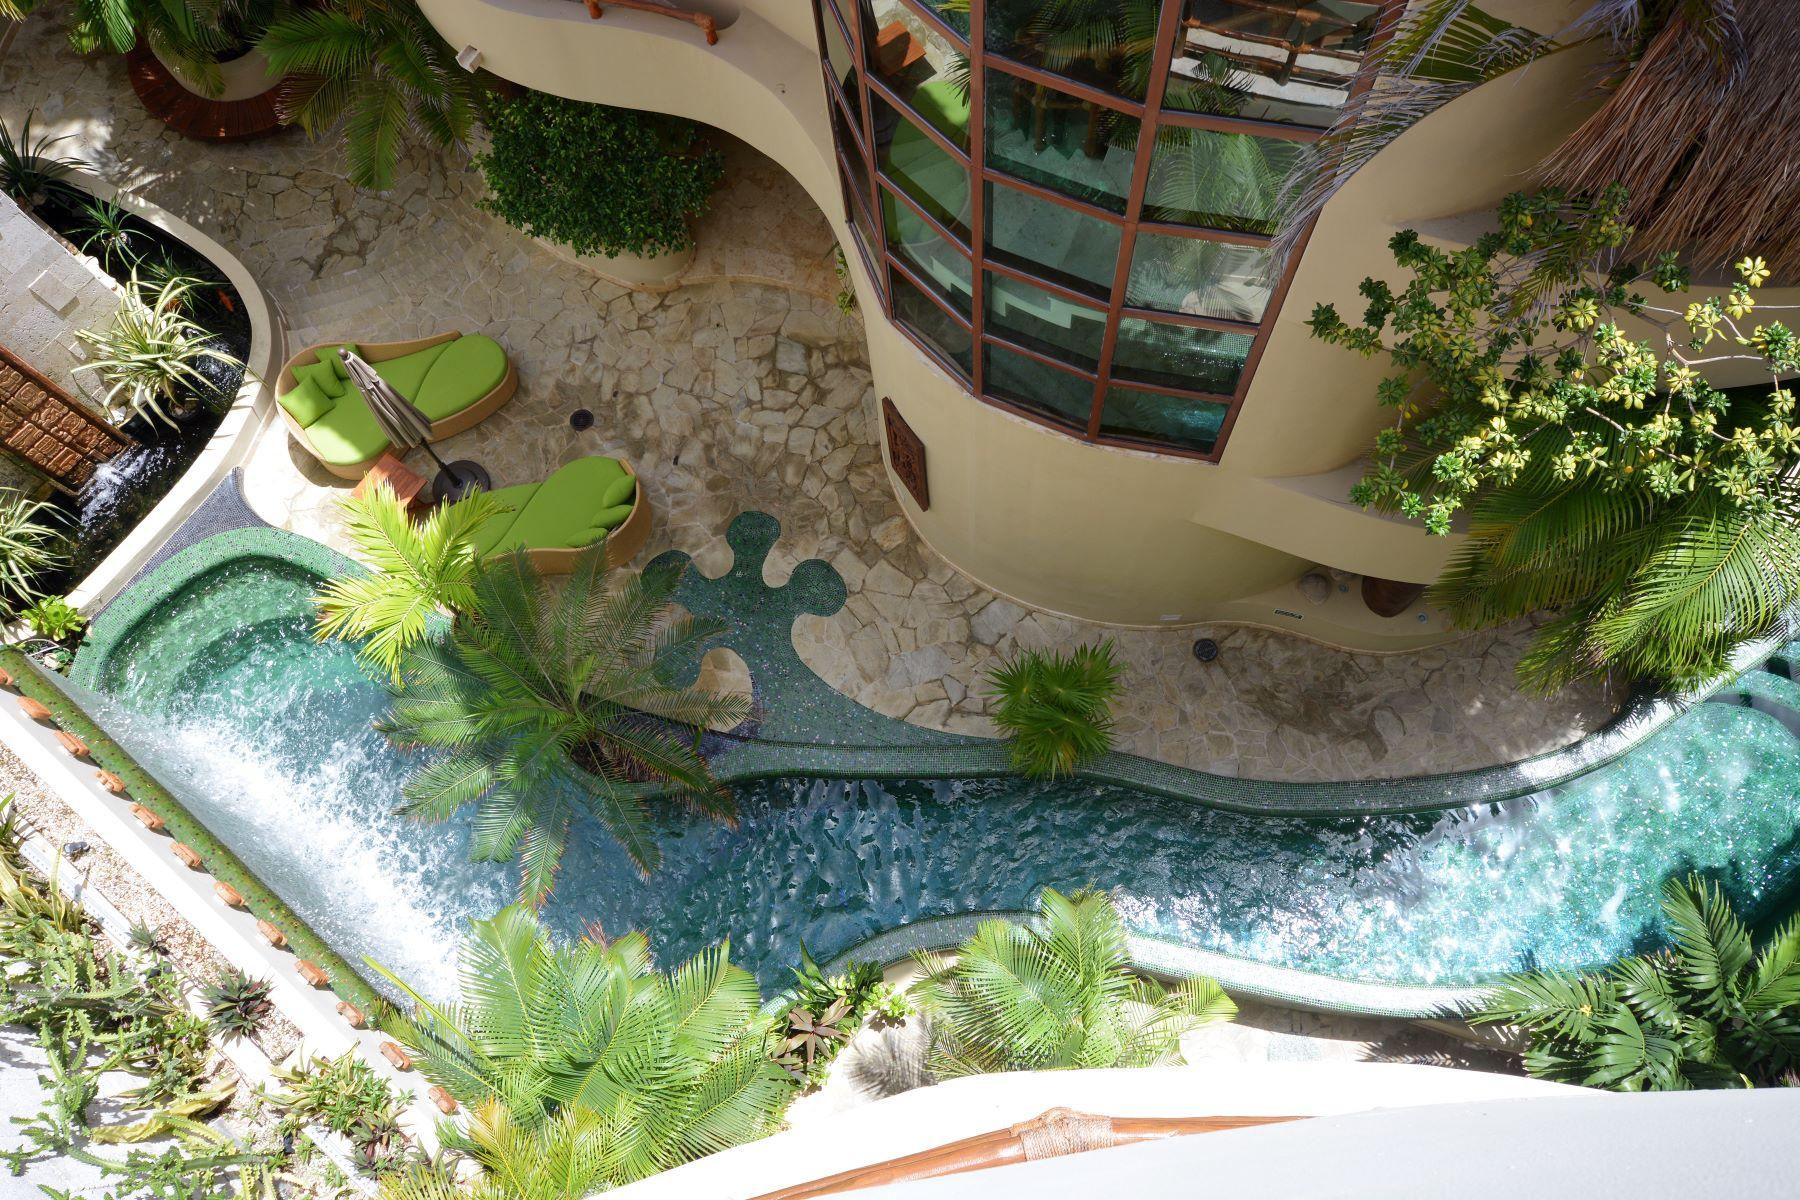 Additional photo for property listing at IMPRESIONANTE VILLA MAYA PH Maya Villa Condominium 1st Ave. North, between 12 North & 16 North Streets Playa Del Carmen, Quintana Roo 77710 México